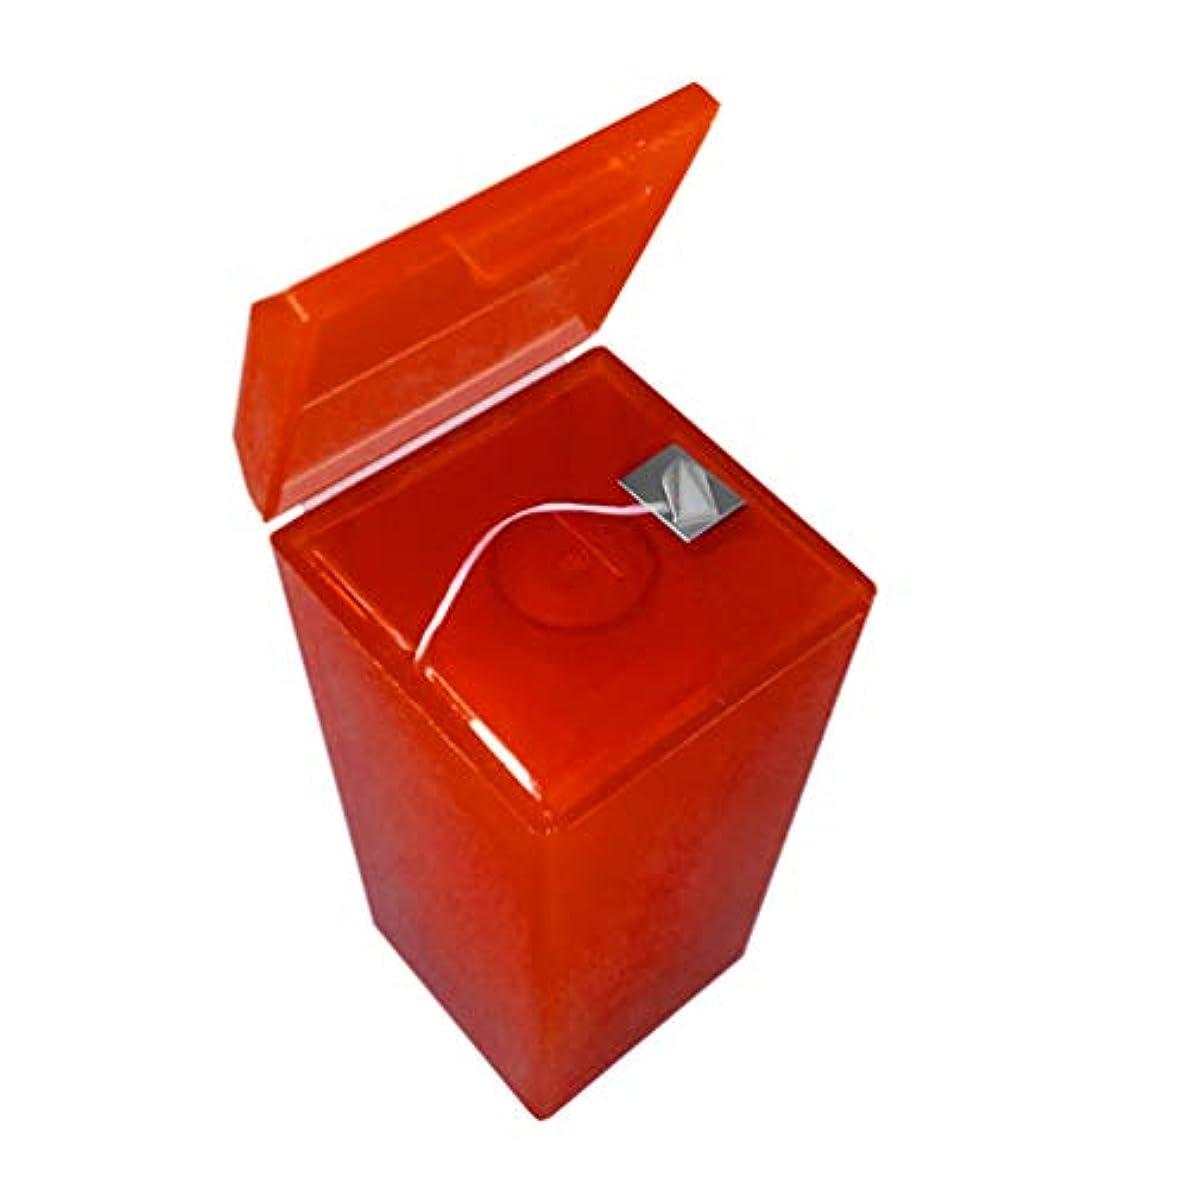 クリックパステル考案するHealifty フロスボックス交換可能なプラスチック製の女性用、男性用デンタルフロス旅行屋外(赤)とデンタルフロス収納ボックスコンテナを切断ポータブル自己